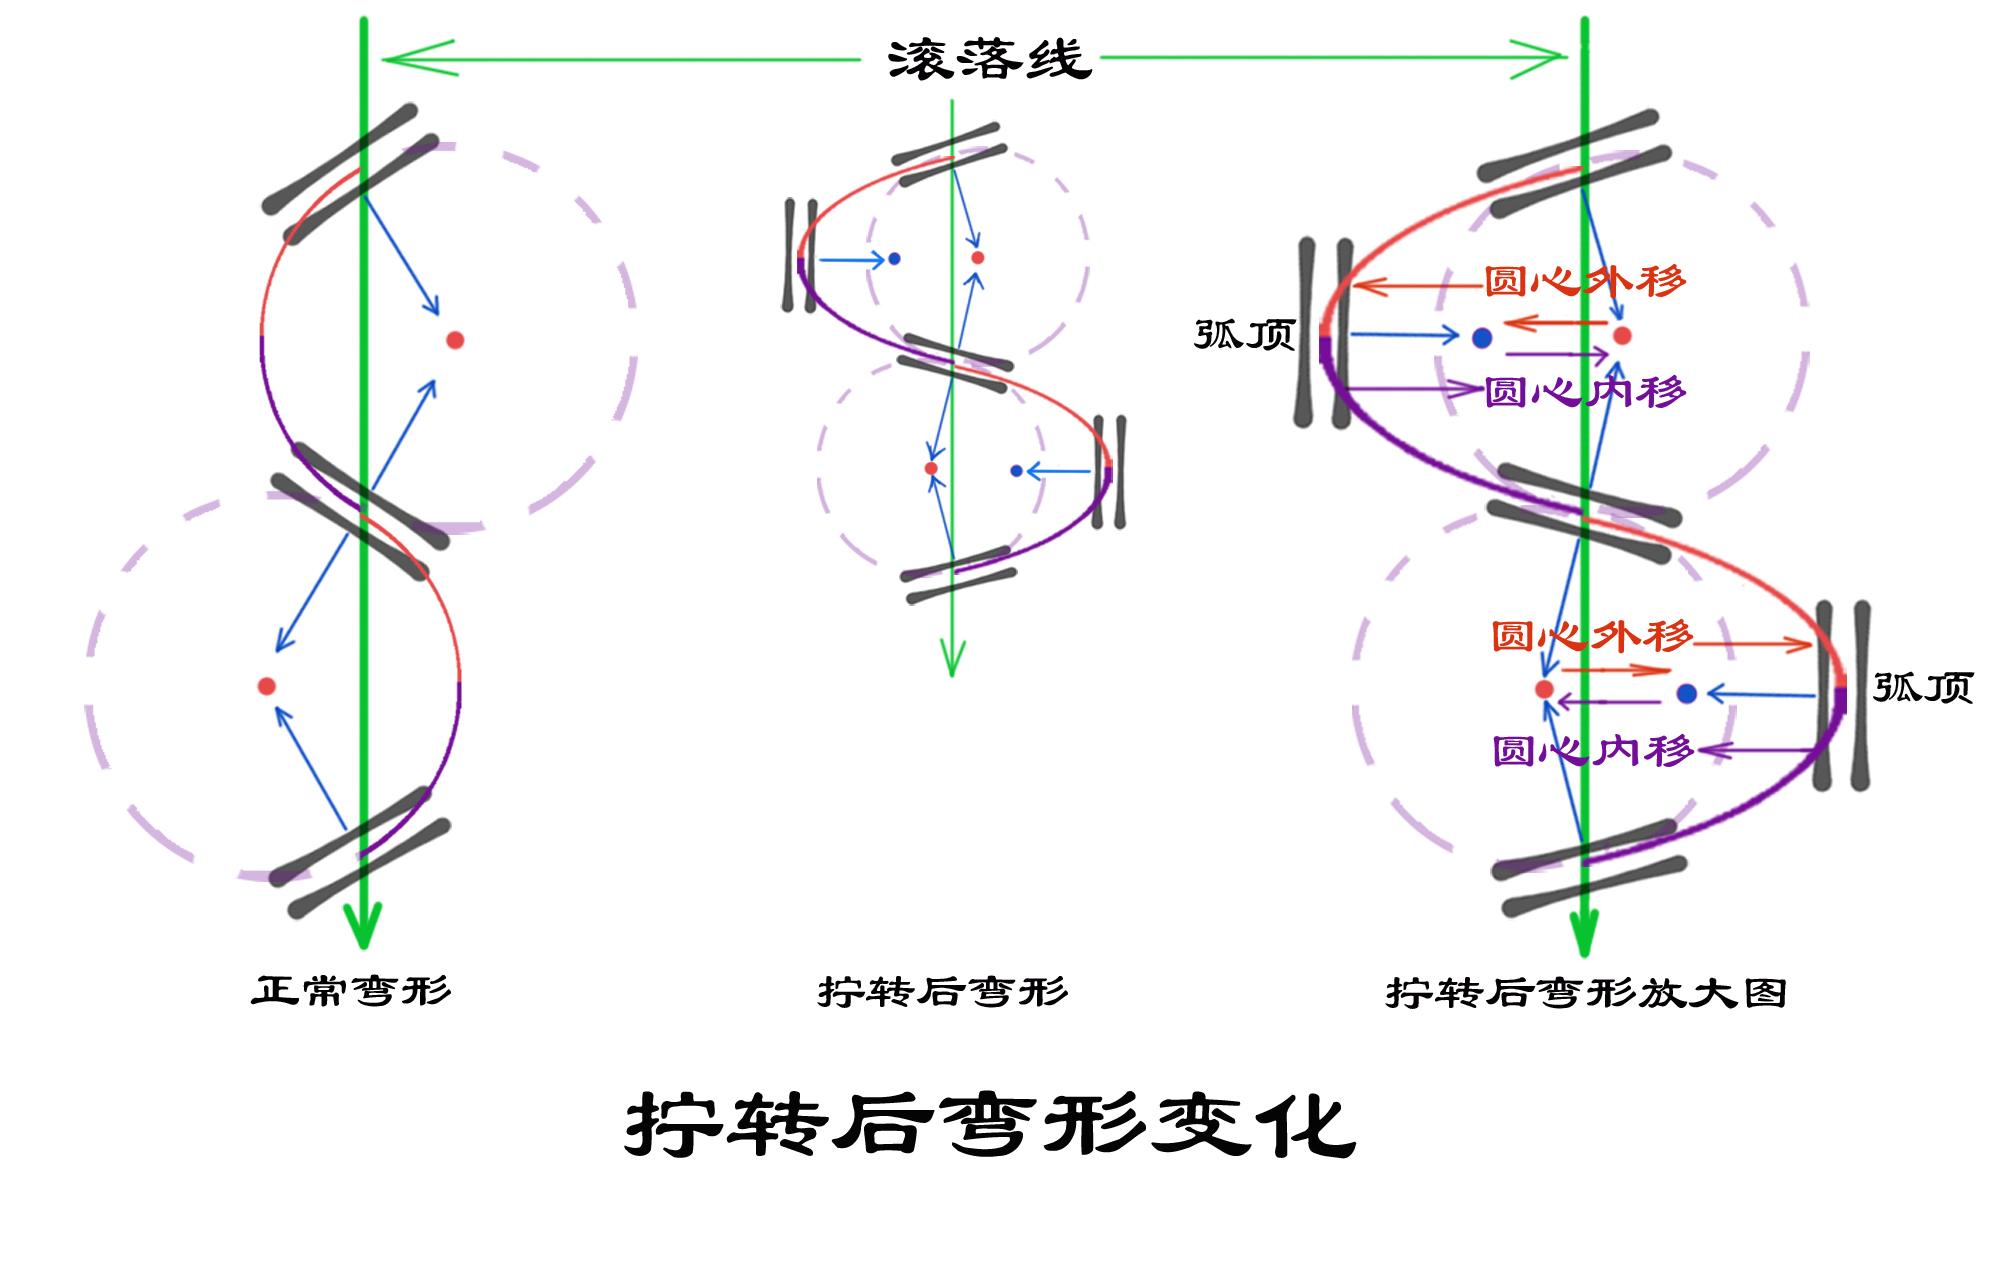 拧转弯形变化副本.jpg